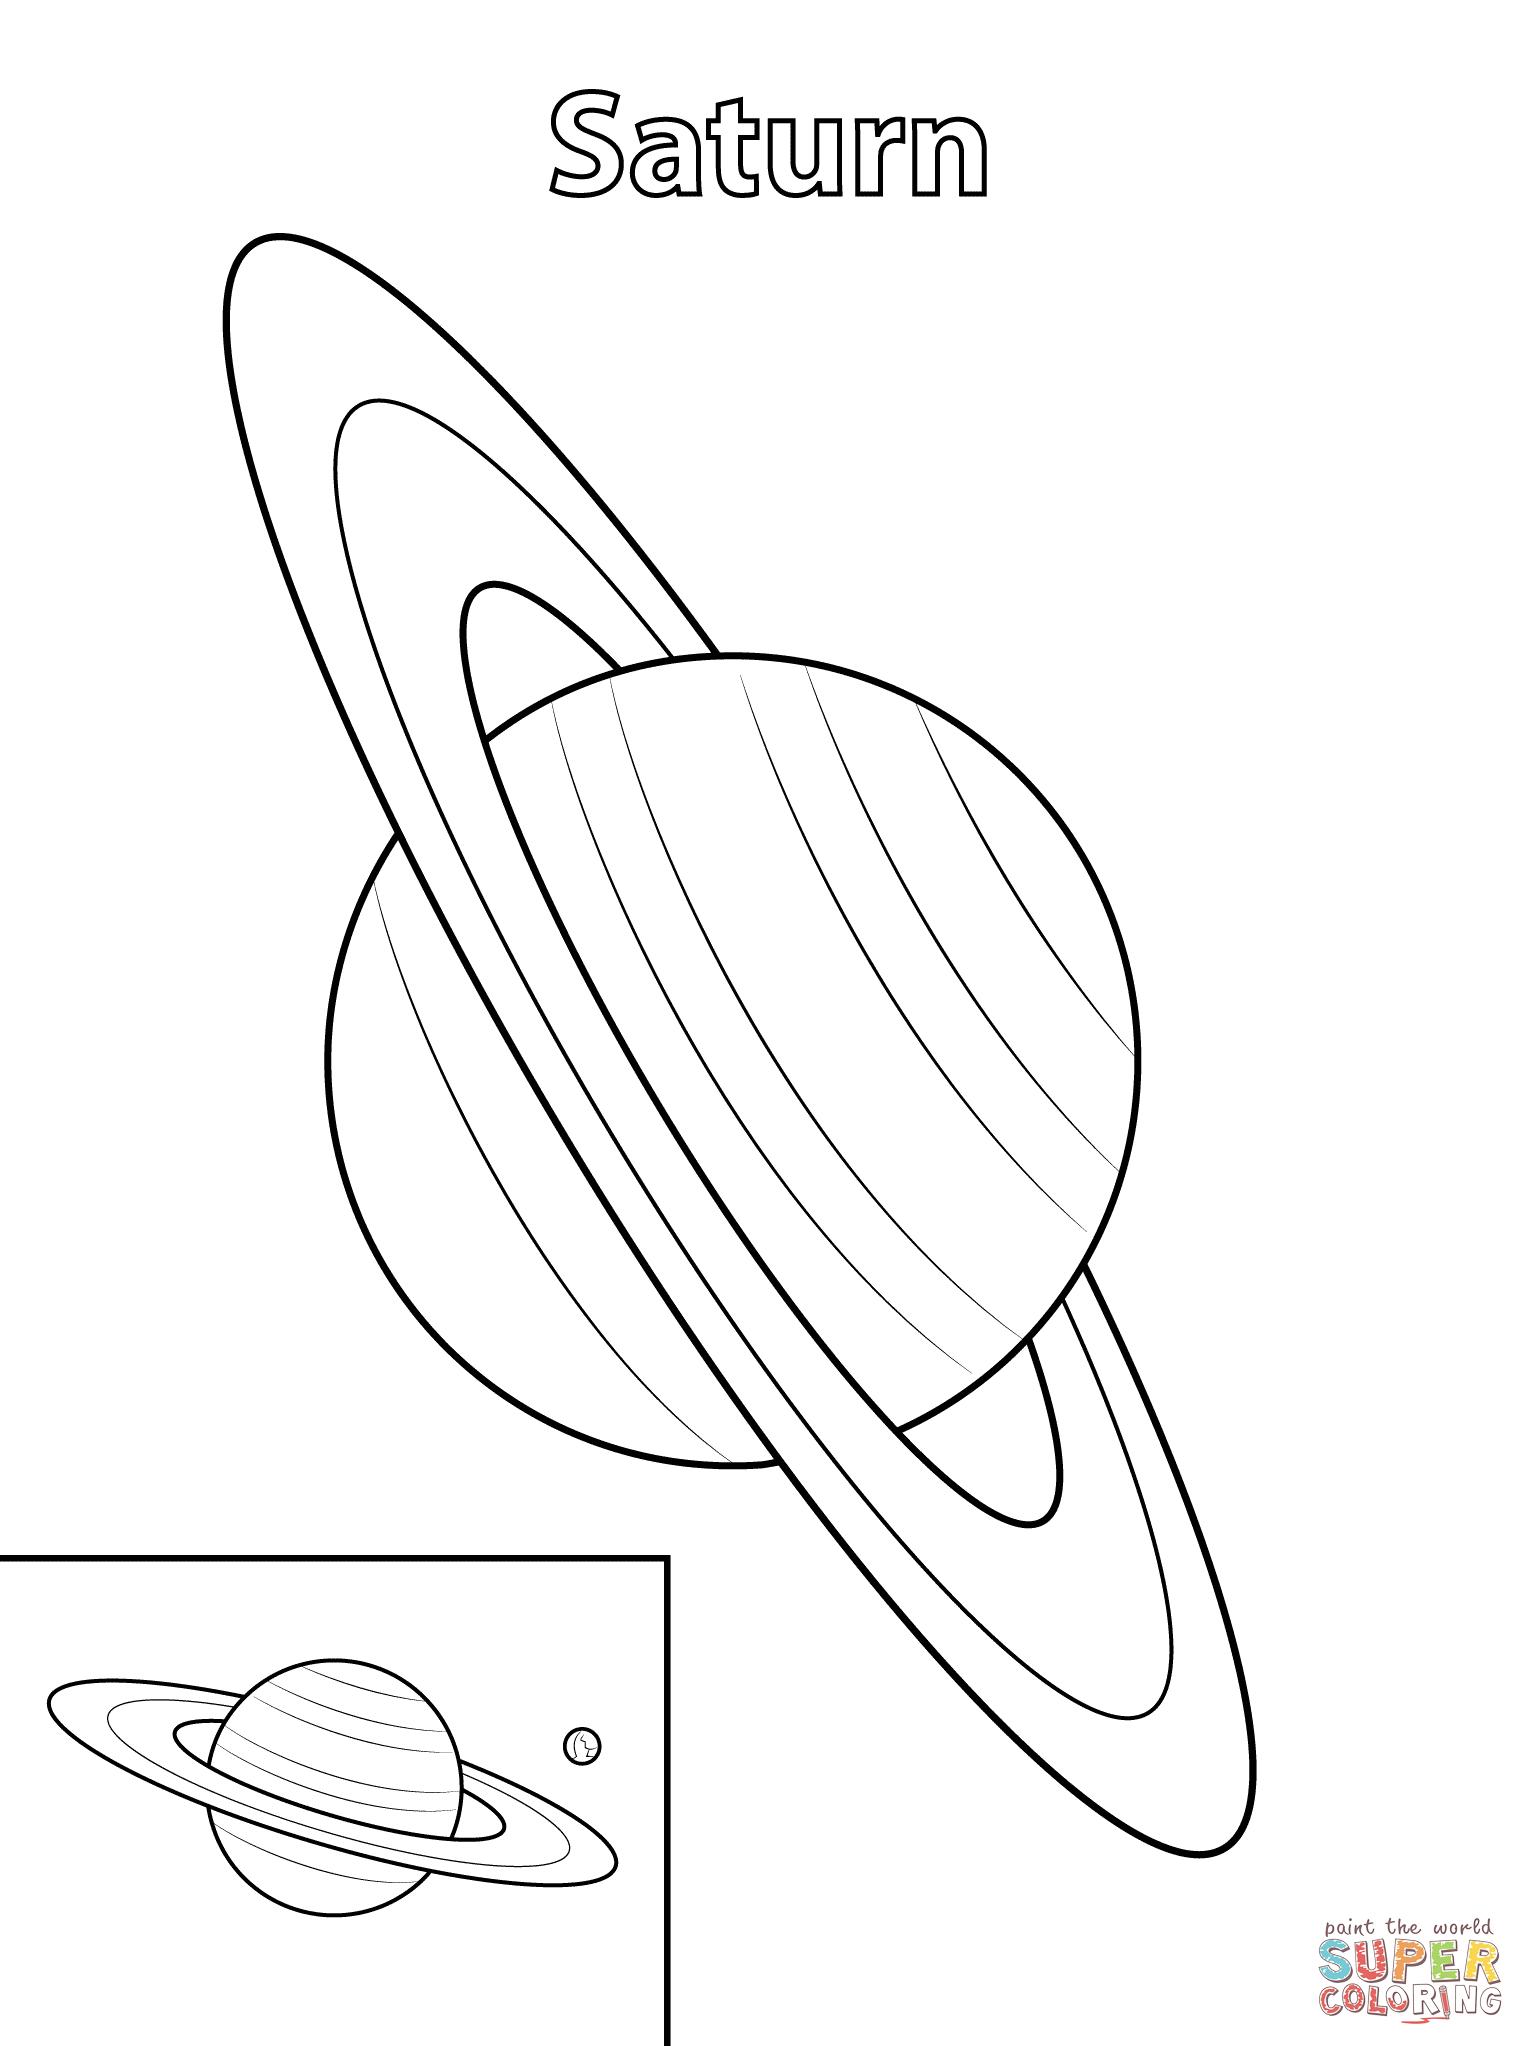 Coloriage - La Planète Saturne | Coloriages À Imprimer Gratuits avec Saturne Dessin